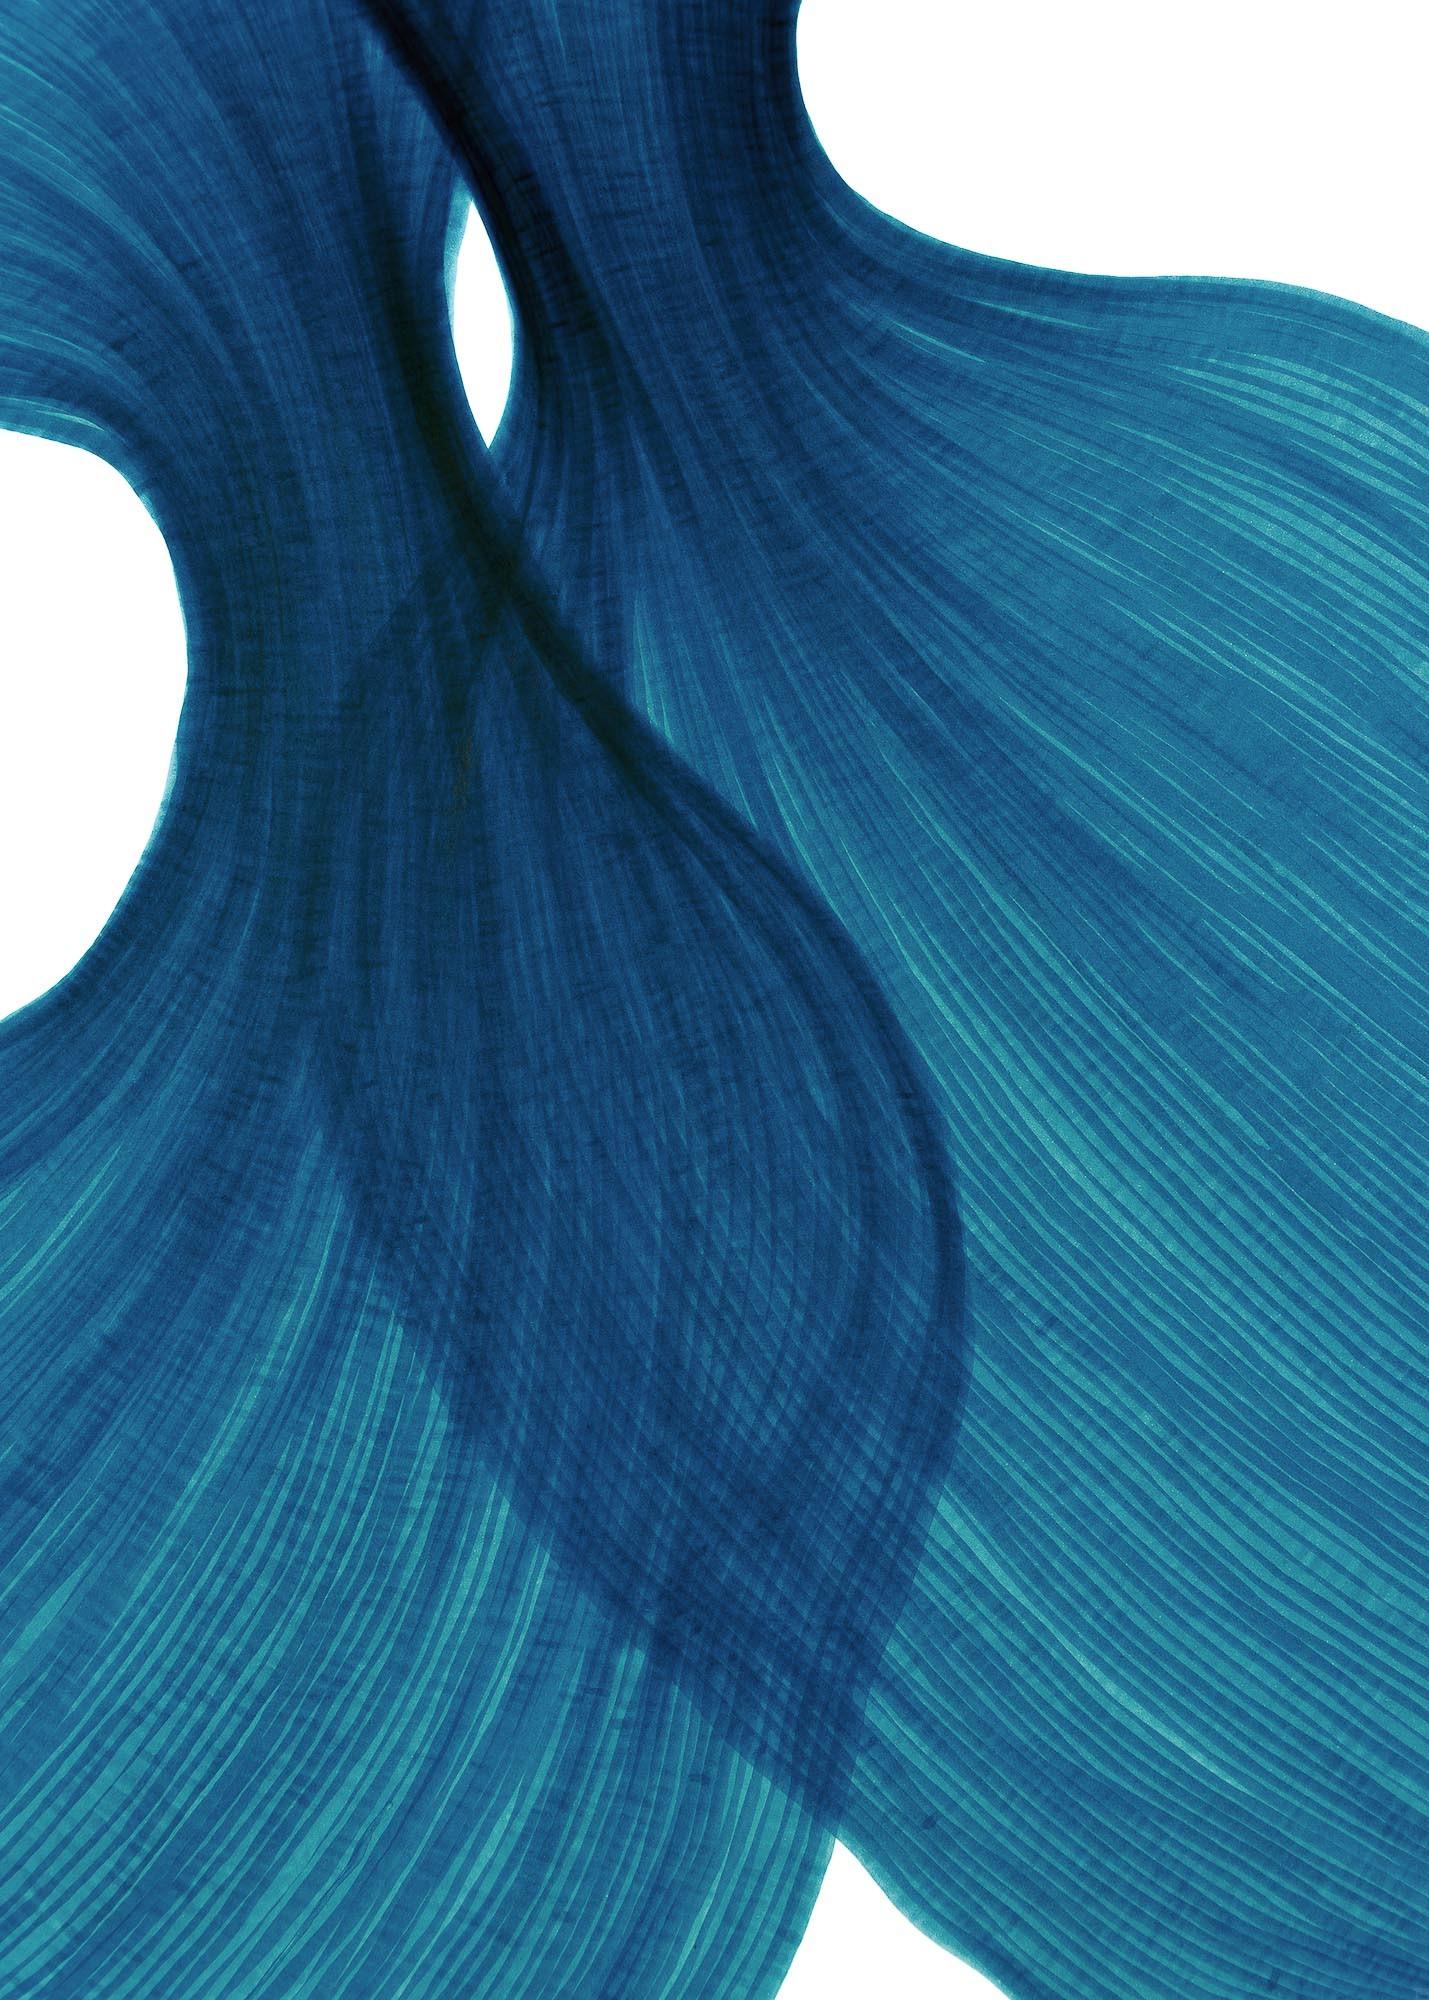 Sea Blue Sheer Folds | Lali Torma | Zeichnung | Kalligraphietusche auf Papier - 2